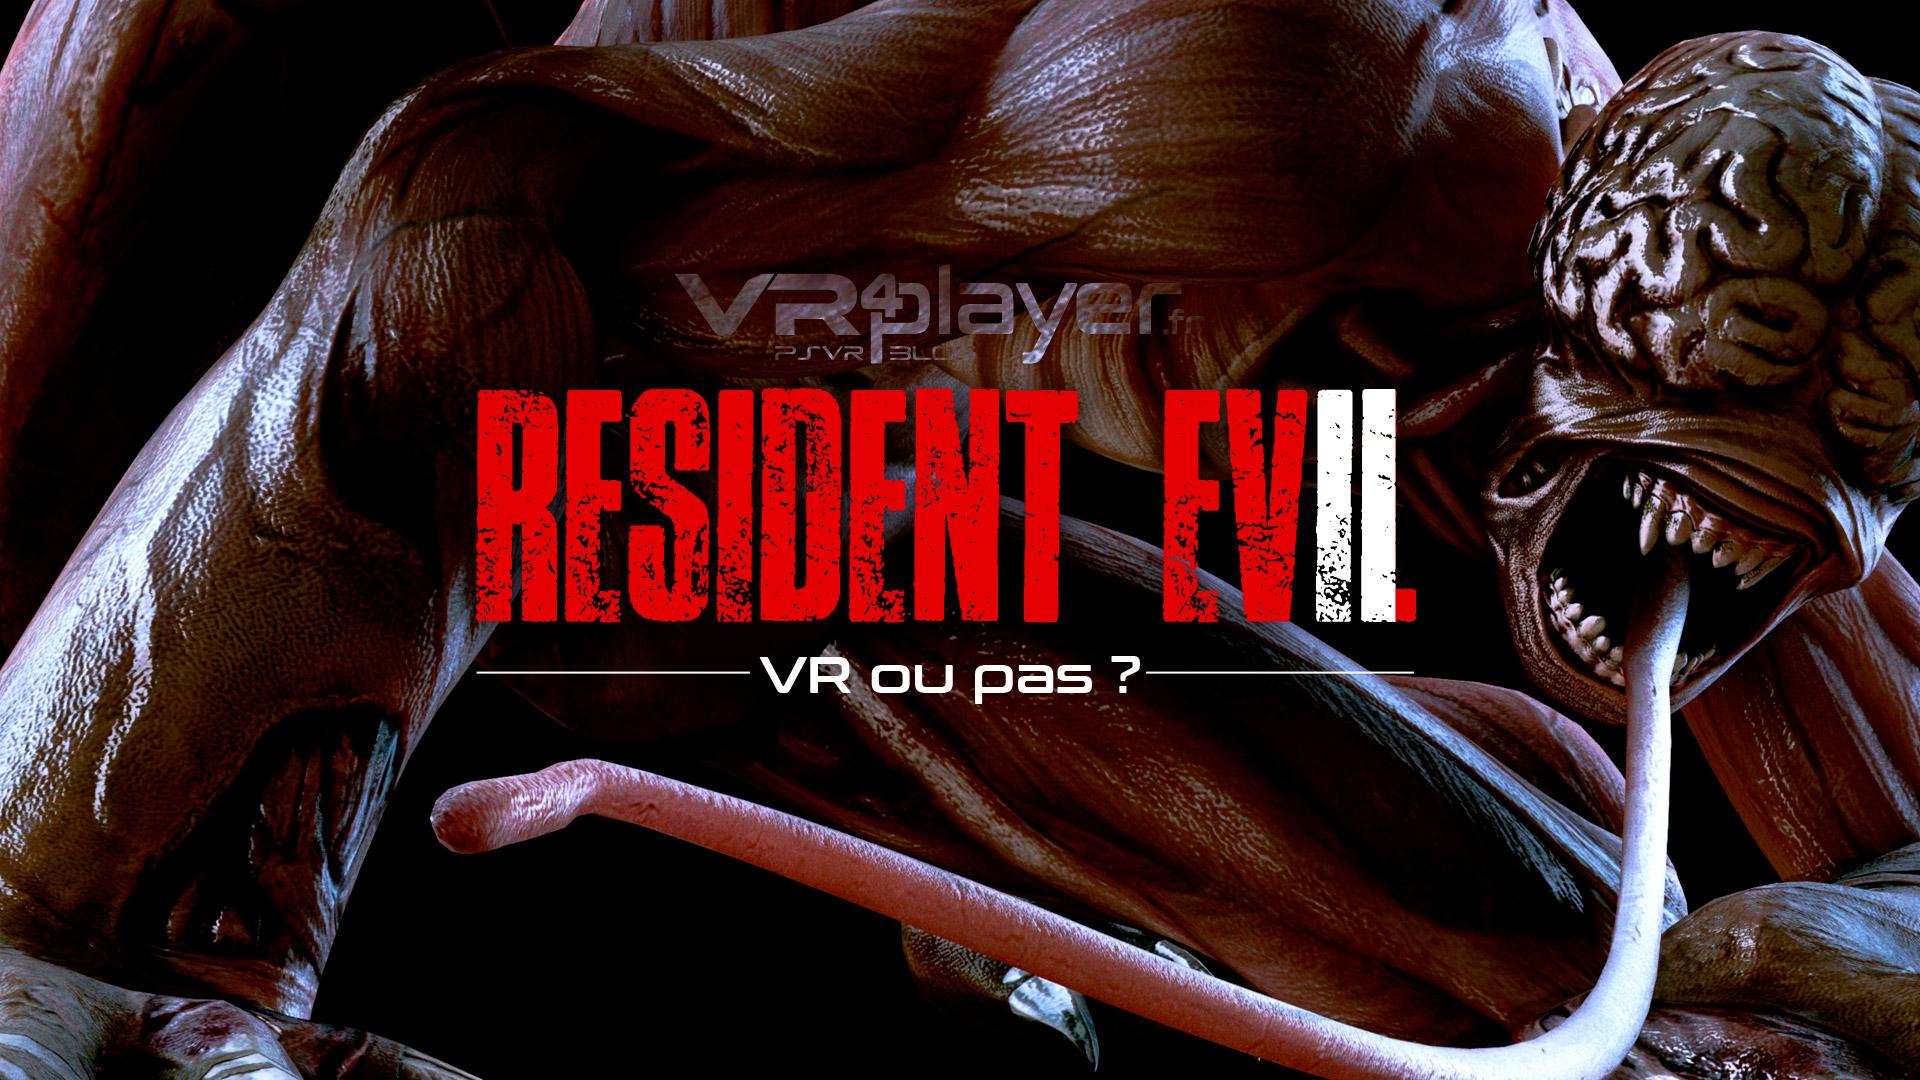 Resident Evil 2 VR4player VR ou pas VR ?